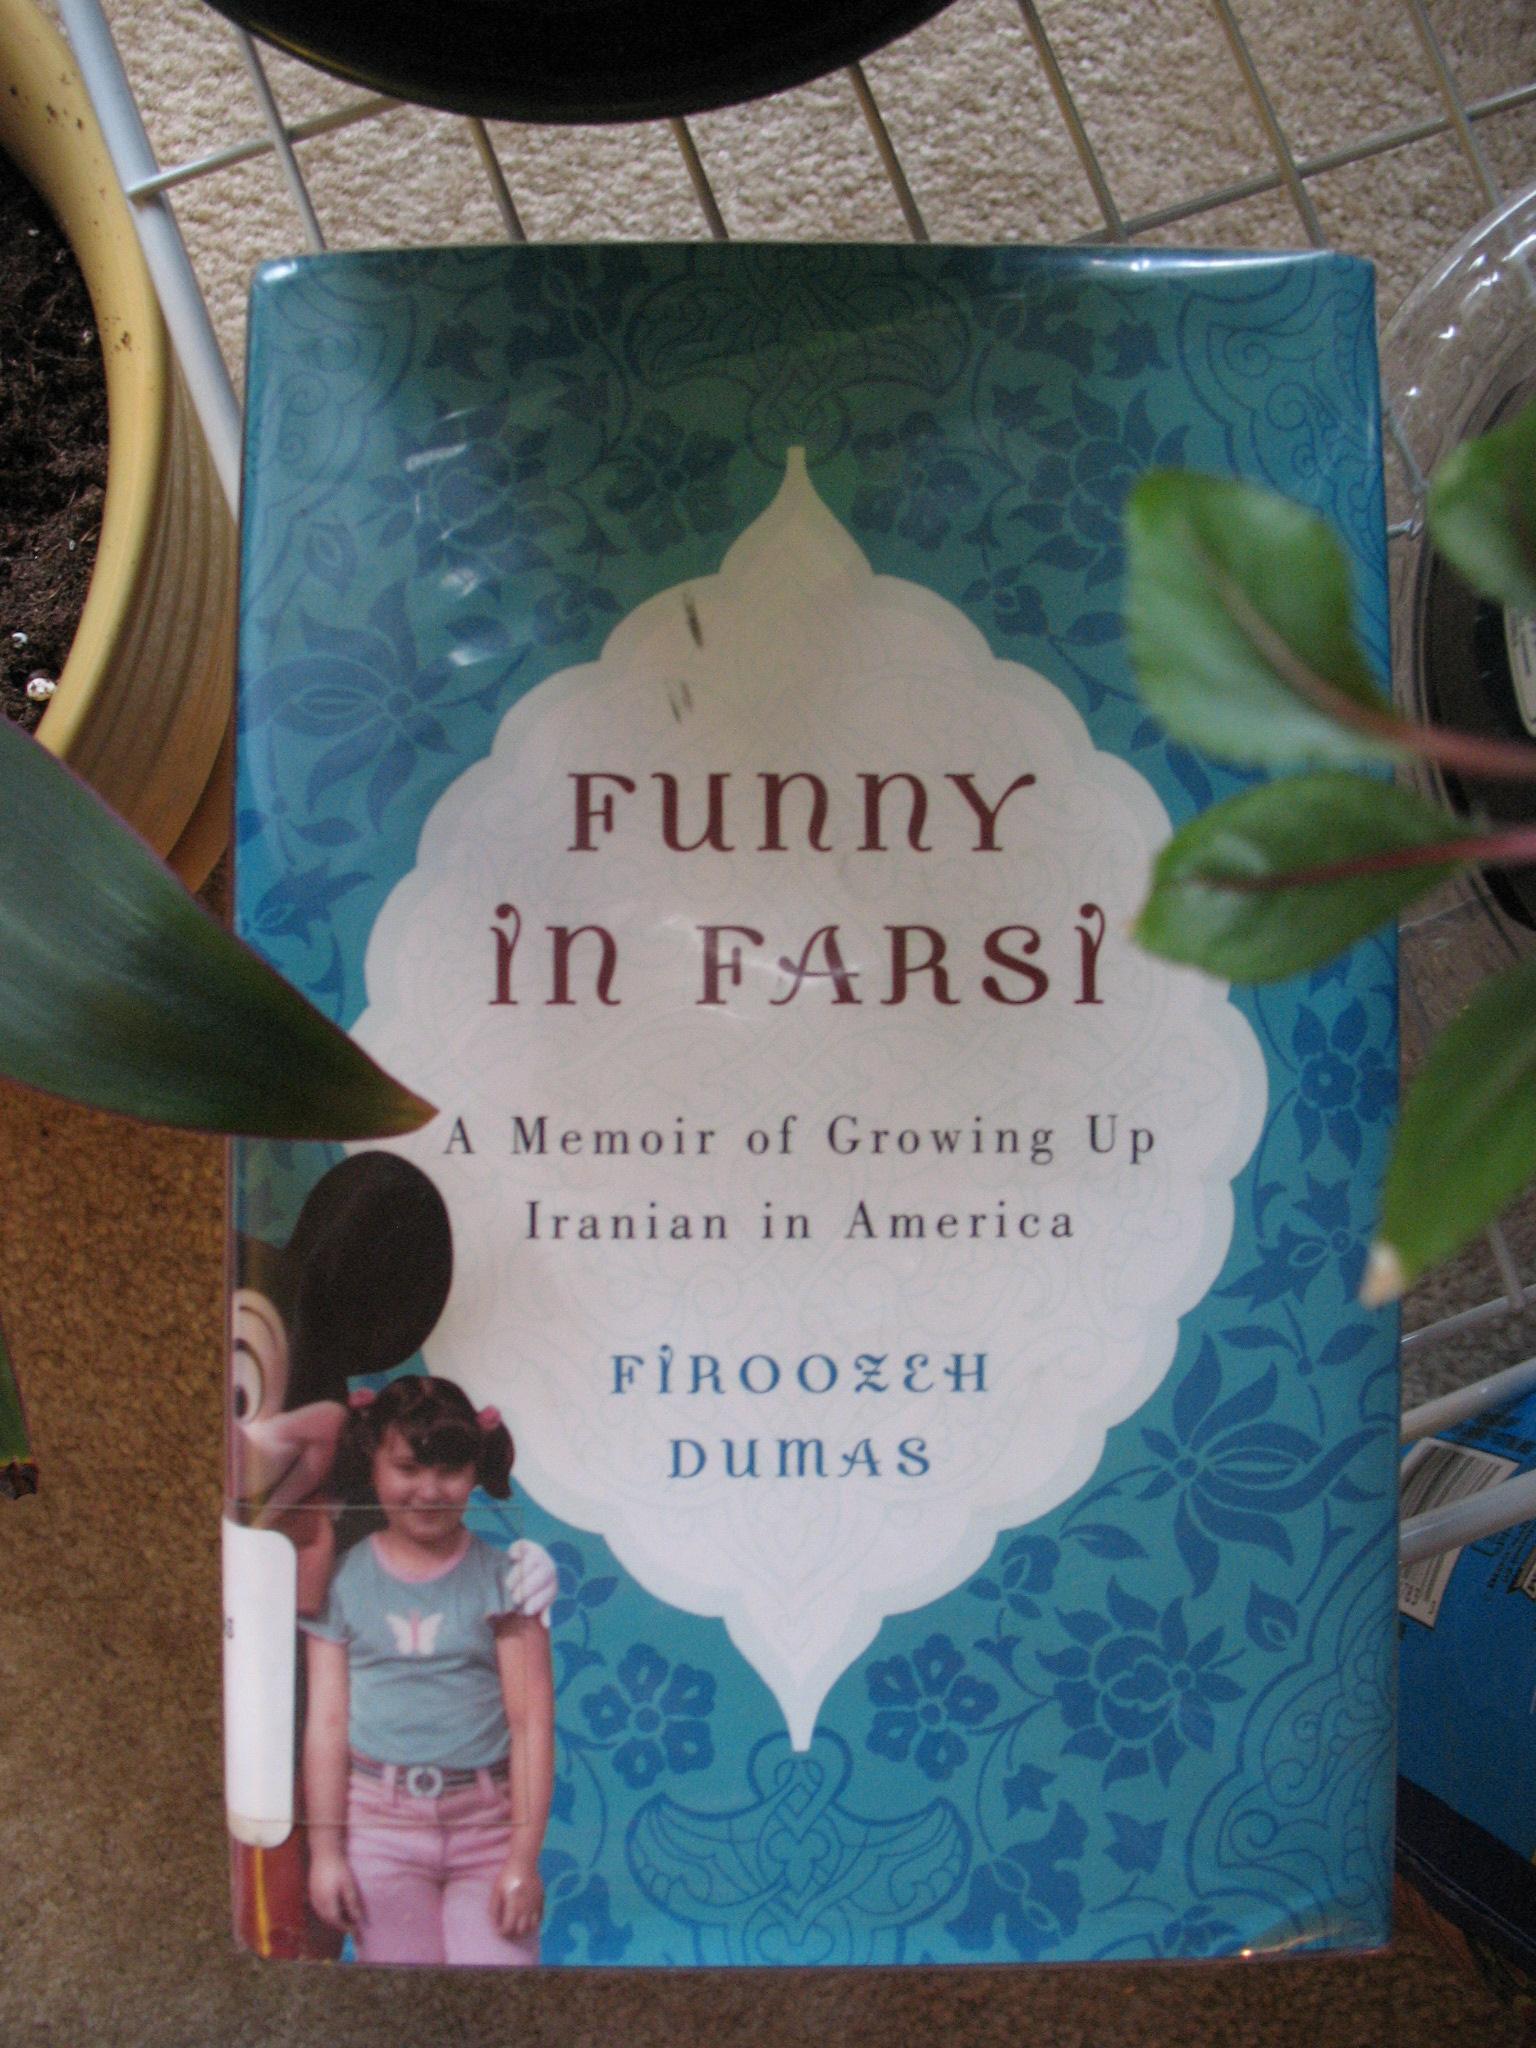 Funny In Farsi Summary : funny, farsi, summary, Funny, Farsi, Firoozeh, Dumas, Stopping, Point